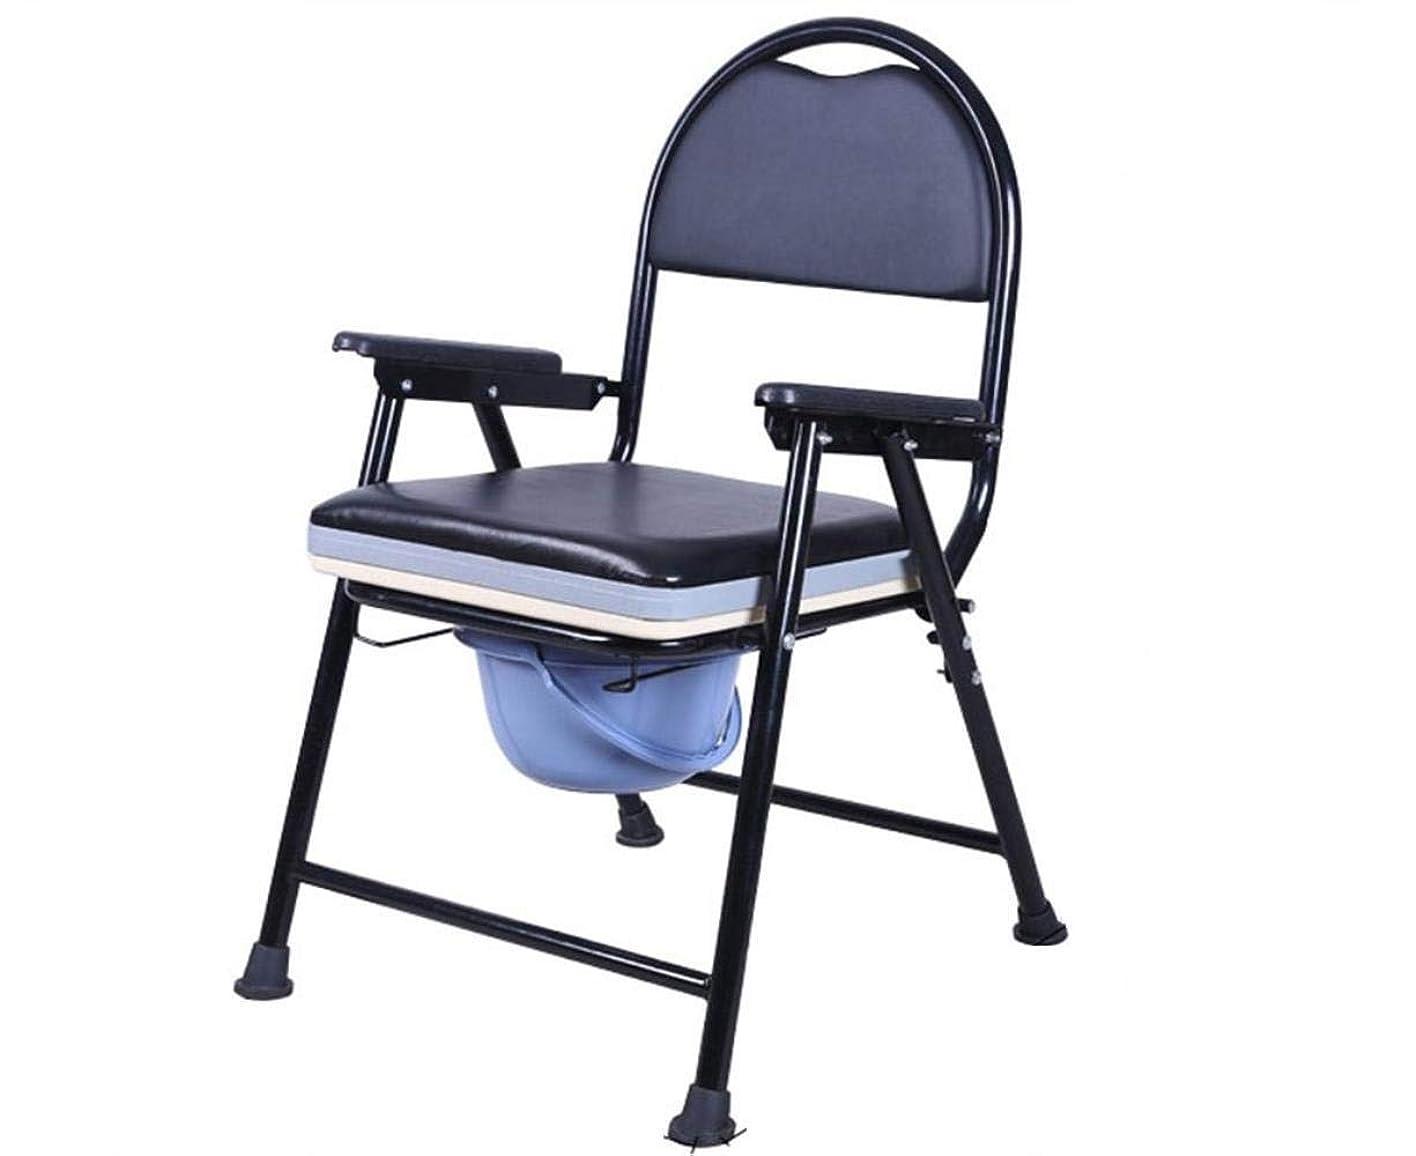 食器棚有用生態学折りたたみ式mode椅子とトイレサラウンド、軽量、丈夫、シンプル、高齢者高齢者向けのバスルームサポート、無効